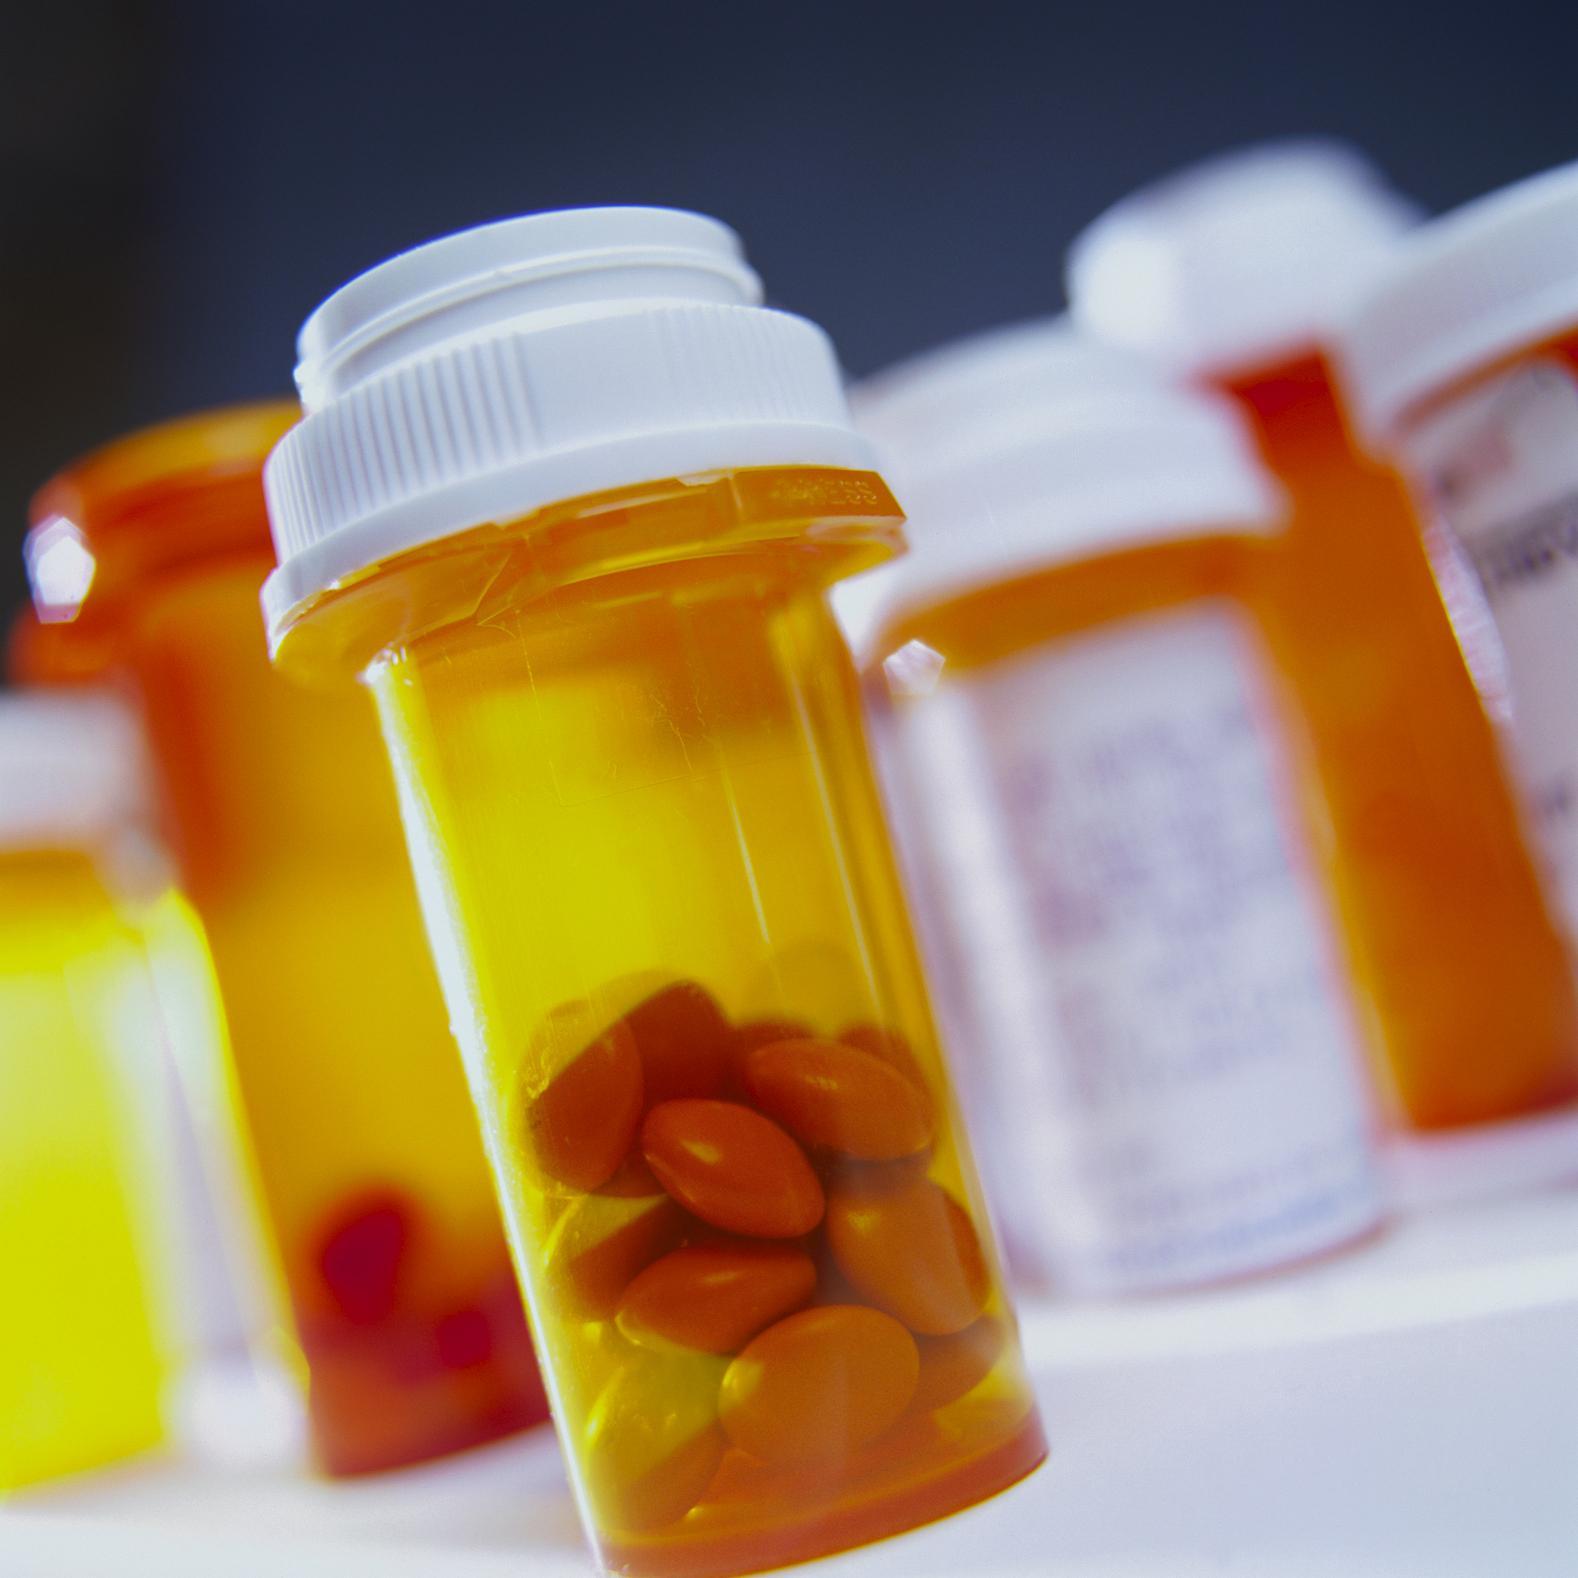 Антиретровирусные препараты снижают риск передачи ВИЧ